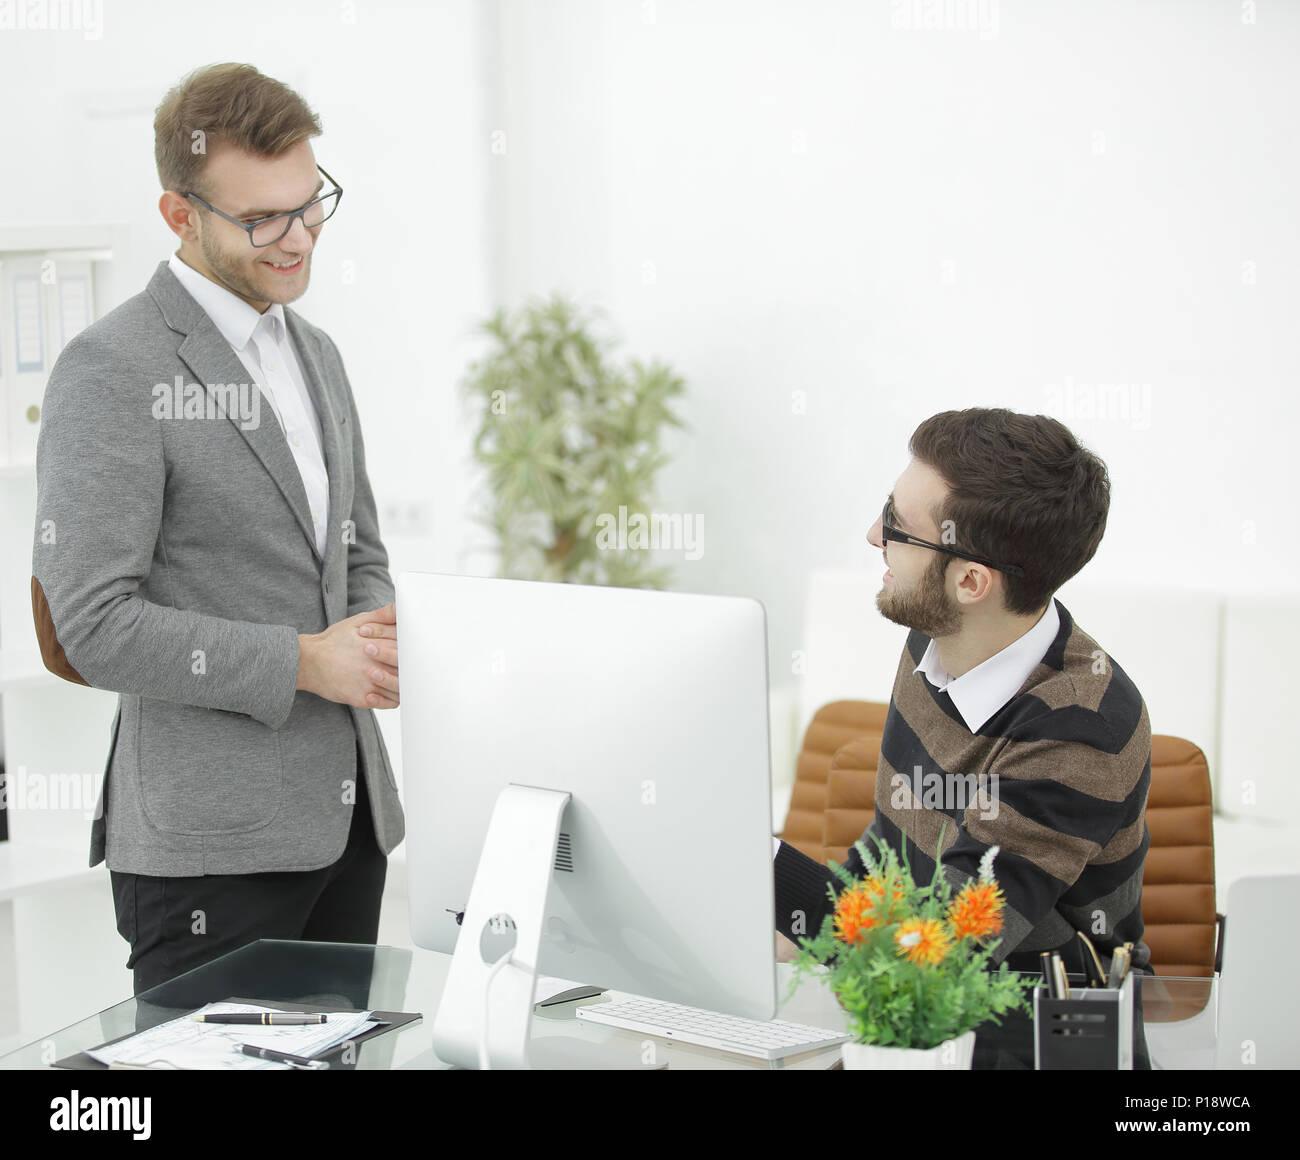 Manager im Gespräch mit einem Mitarbeiter im Büro. Stockbild